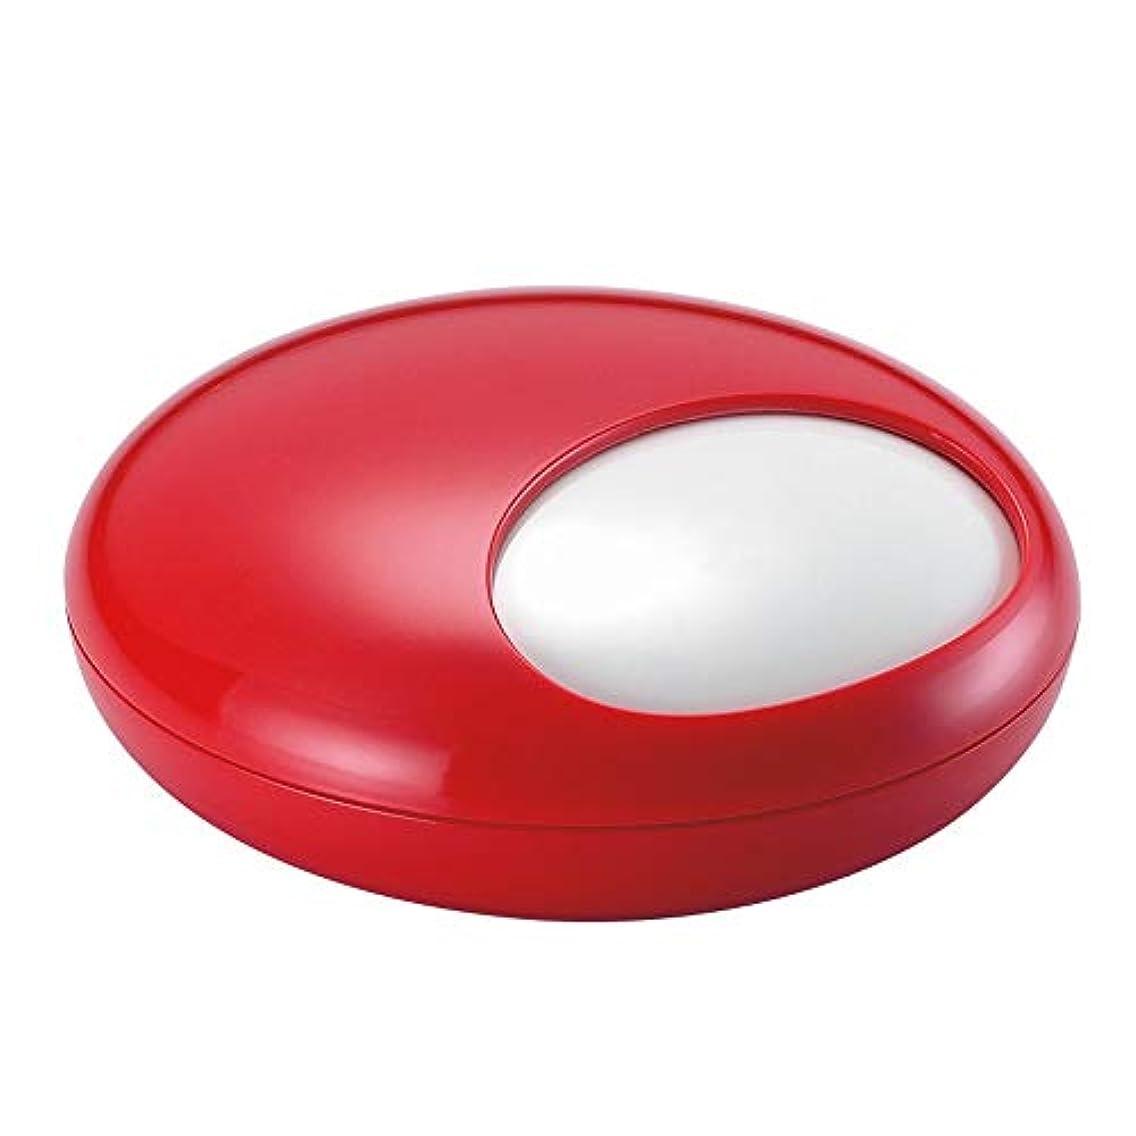 口実パーティション回路ふたの家の装飾とタバコの創造的な灰皿のための灰皿 (色 : 赤)